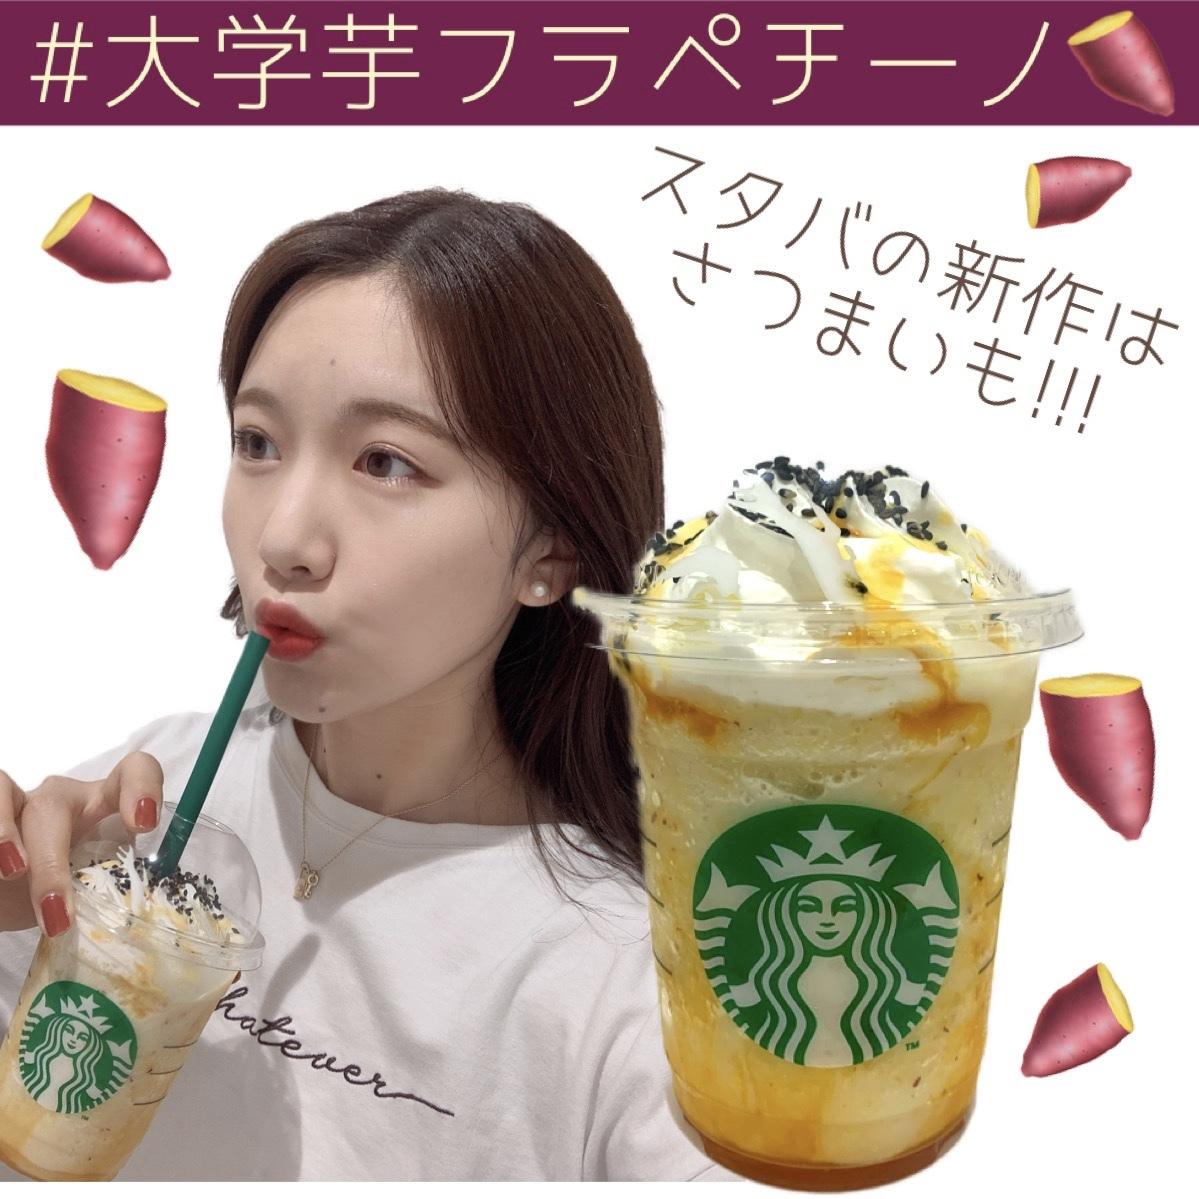 【スタバ】14日発売のオータムスイートポテトフラペチーノを飲んでみた!!_1_2